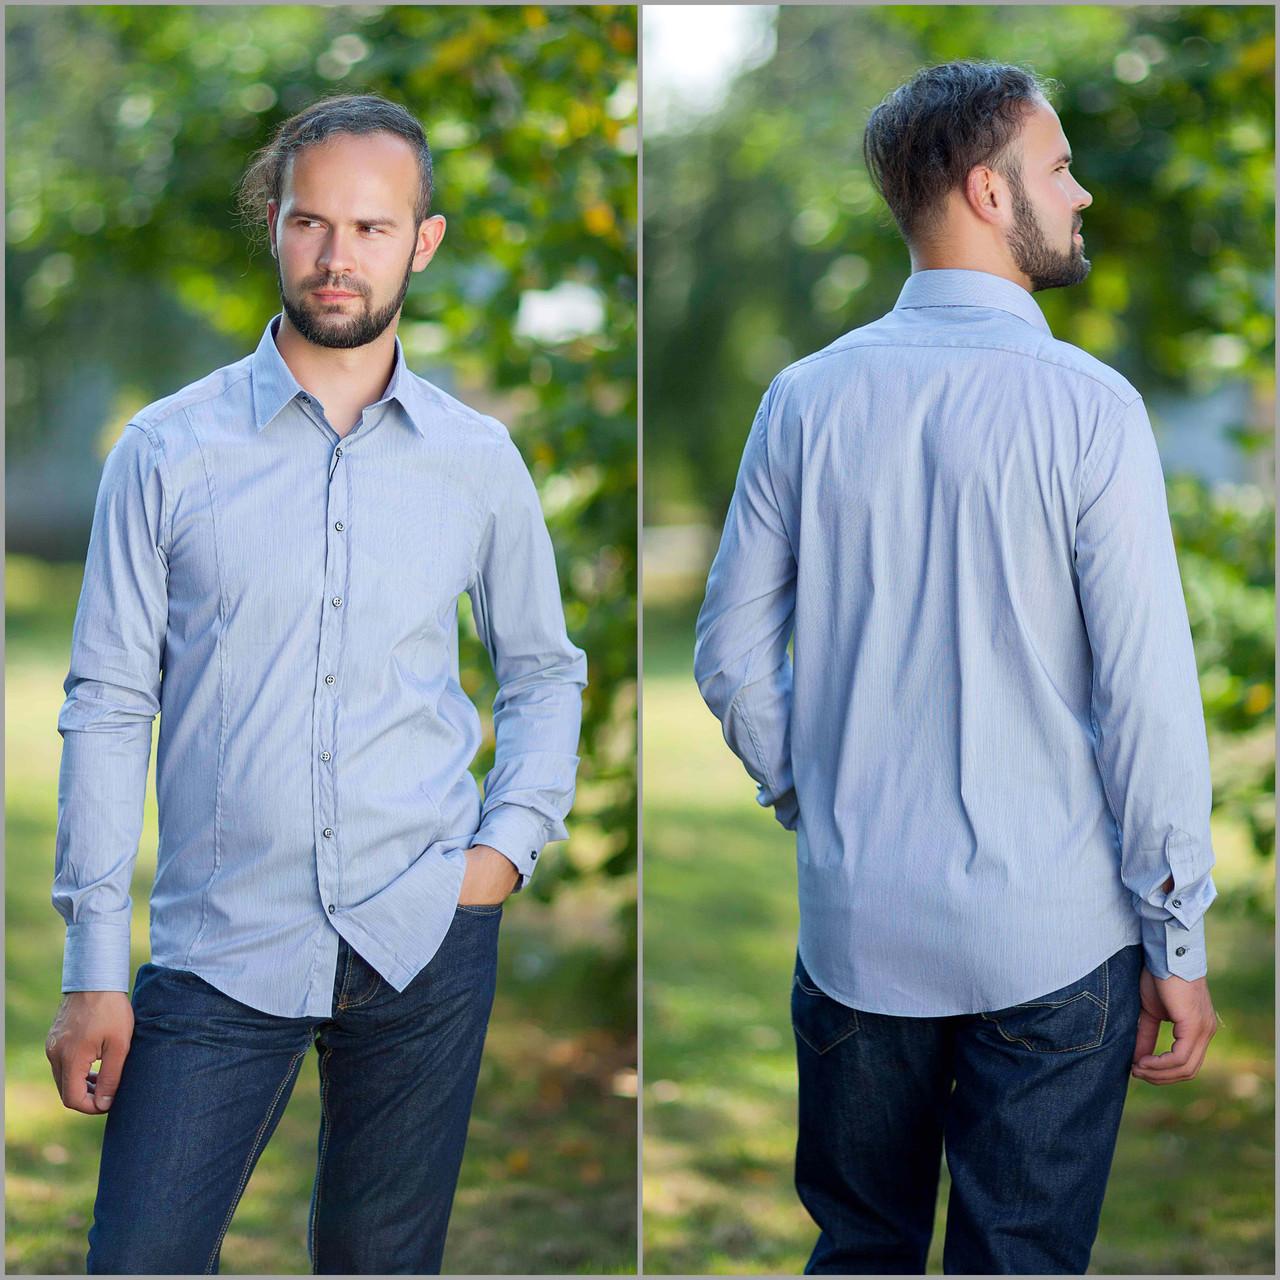 3de231bcc52 Рубашка мужская в тонкую серую полоску.Длинный рукав